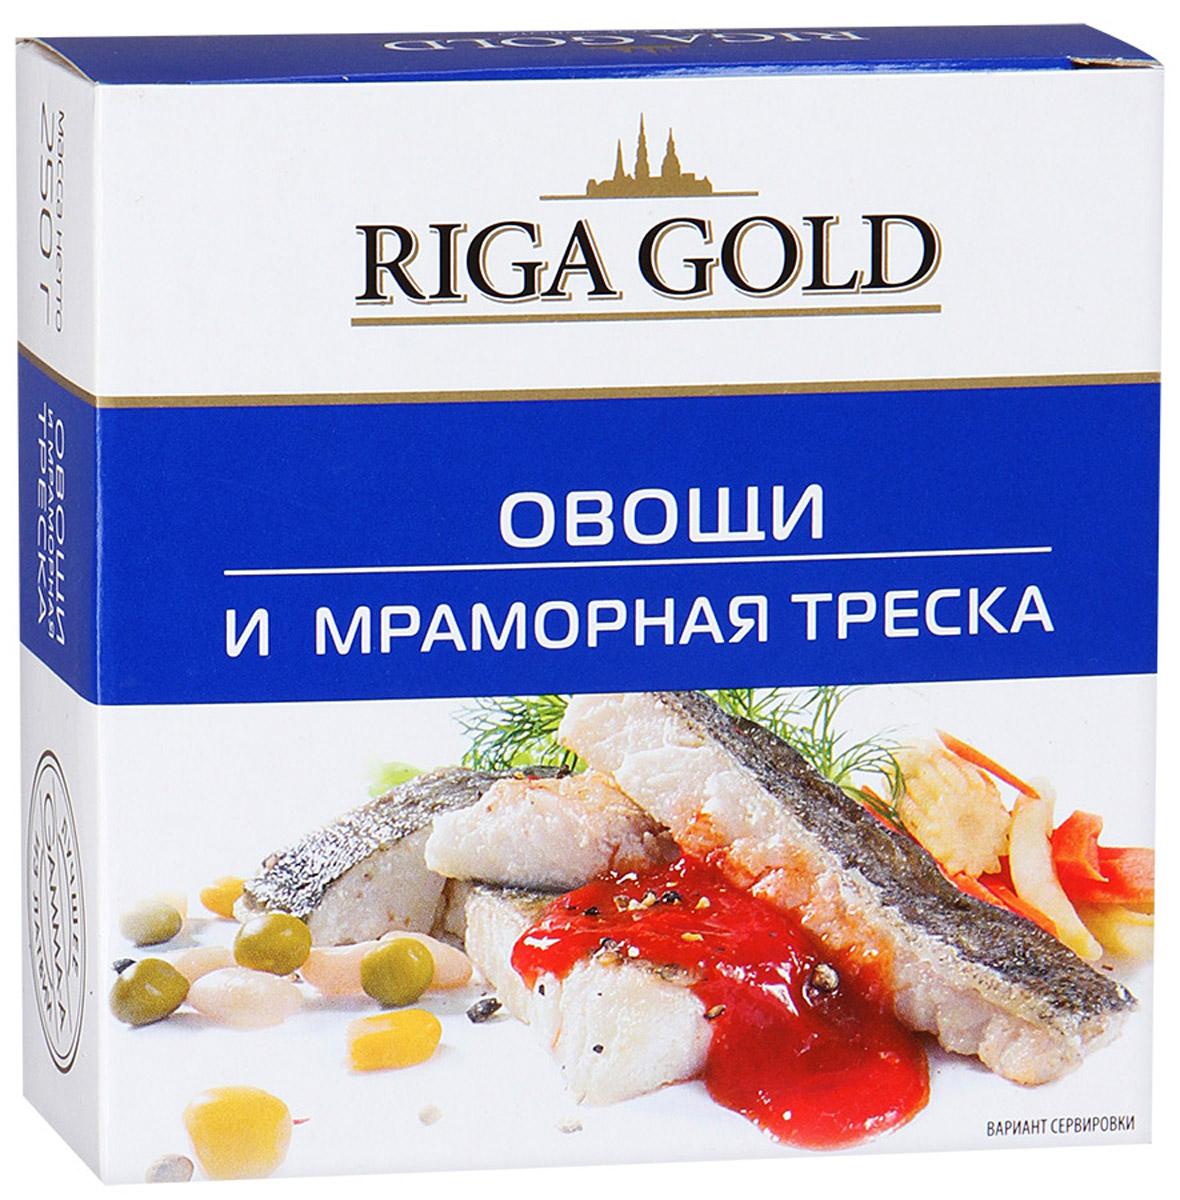 Рижское золото овощи и мраморная треска, 250 г рижское золото овощи и норвежский лосось 250 г